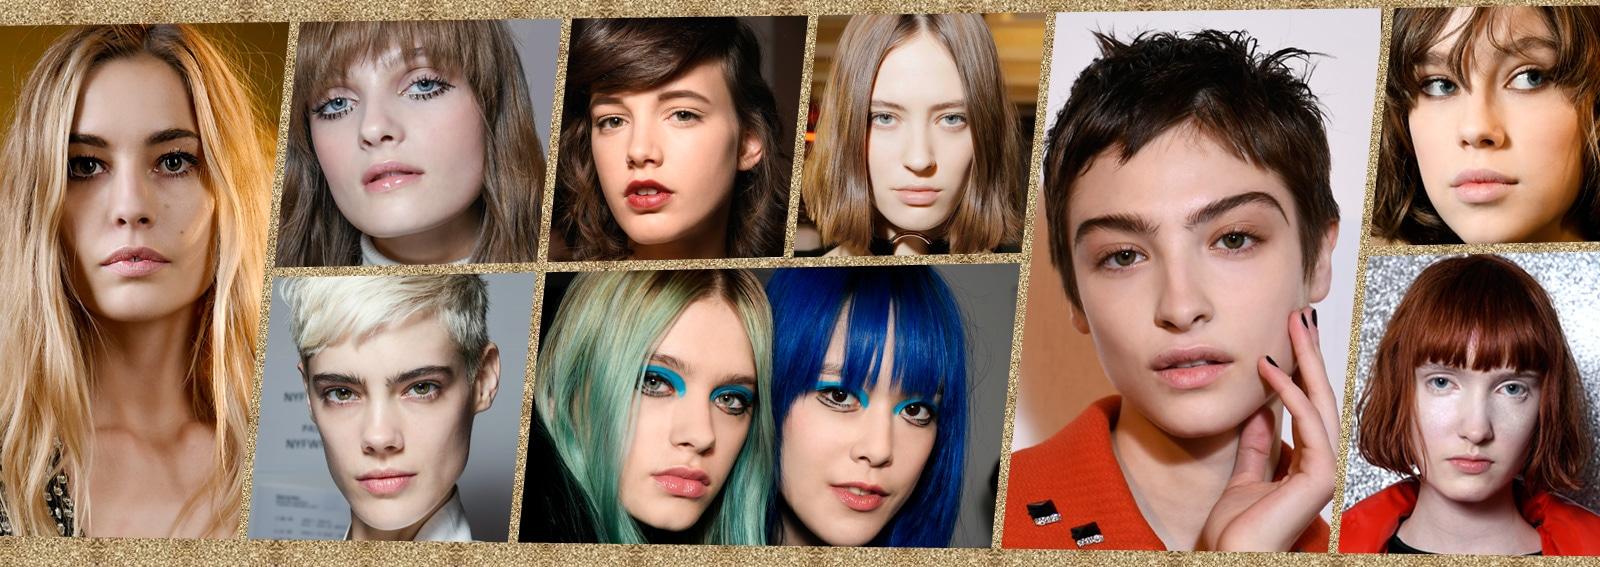 tagli capelli medi lunghi corti colore frangia autunno inverno 2017 2018 01_DESKTOP_recap_capelli